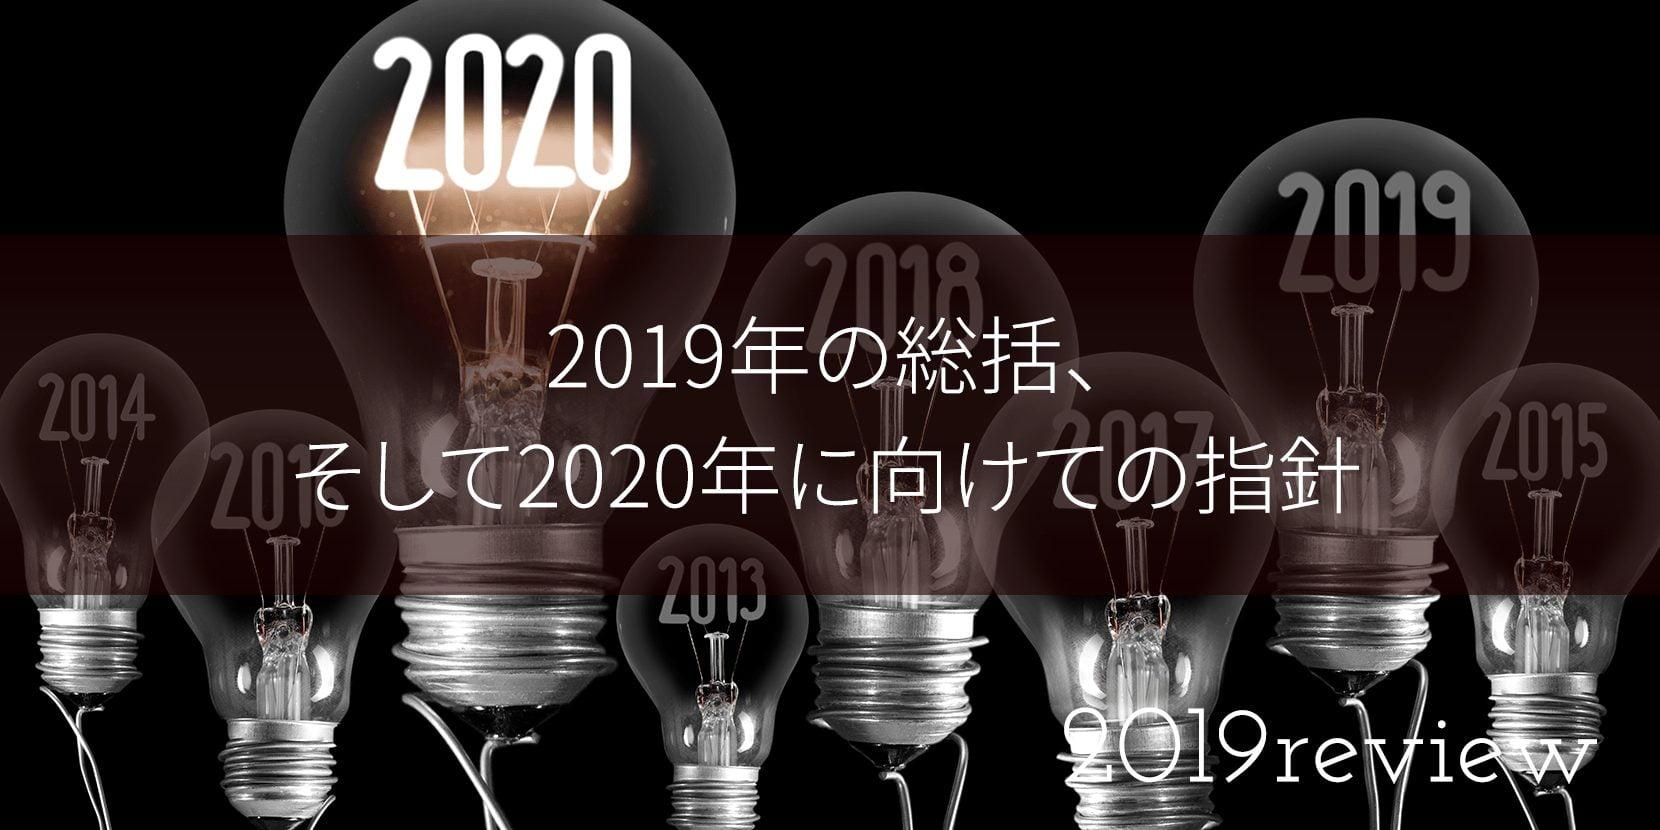 2019年の総括、そして2020年に向けての指針